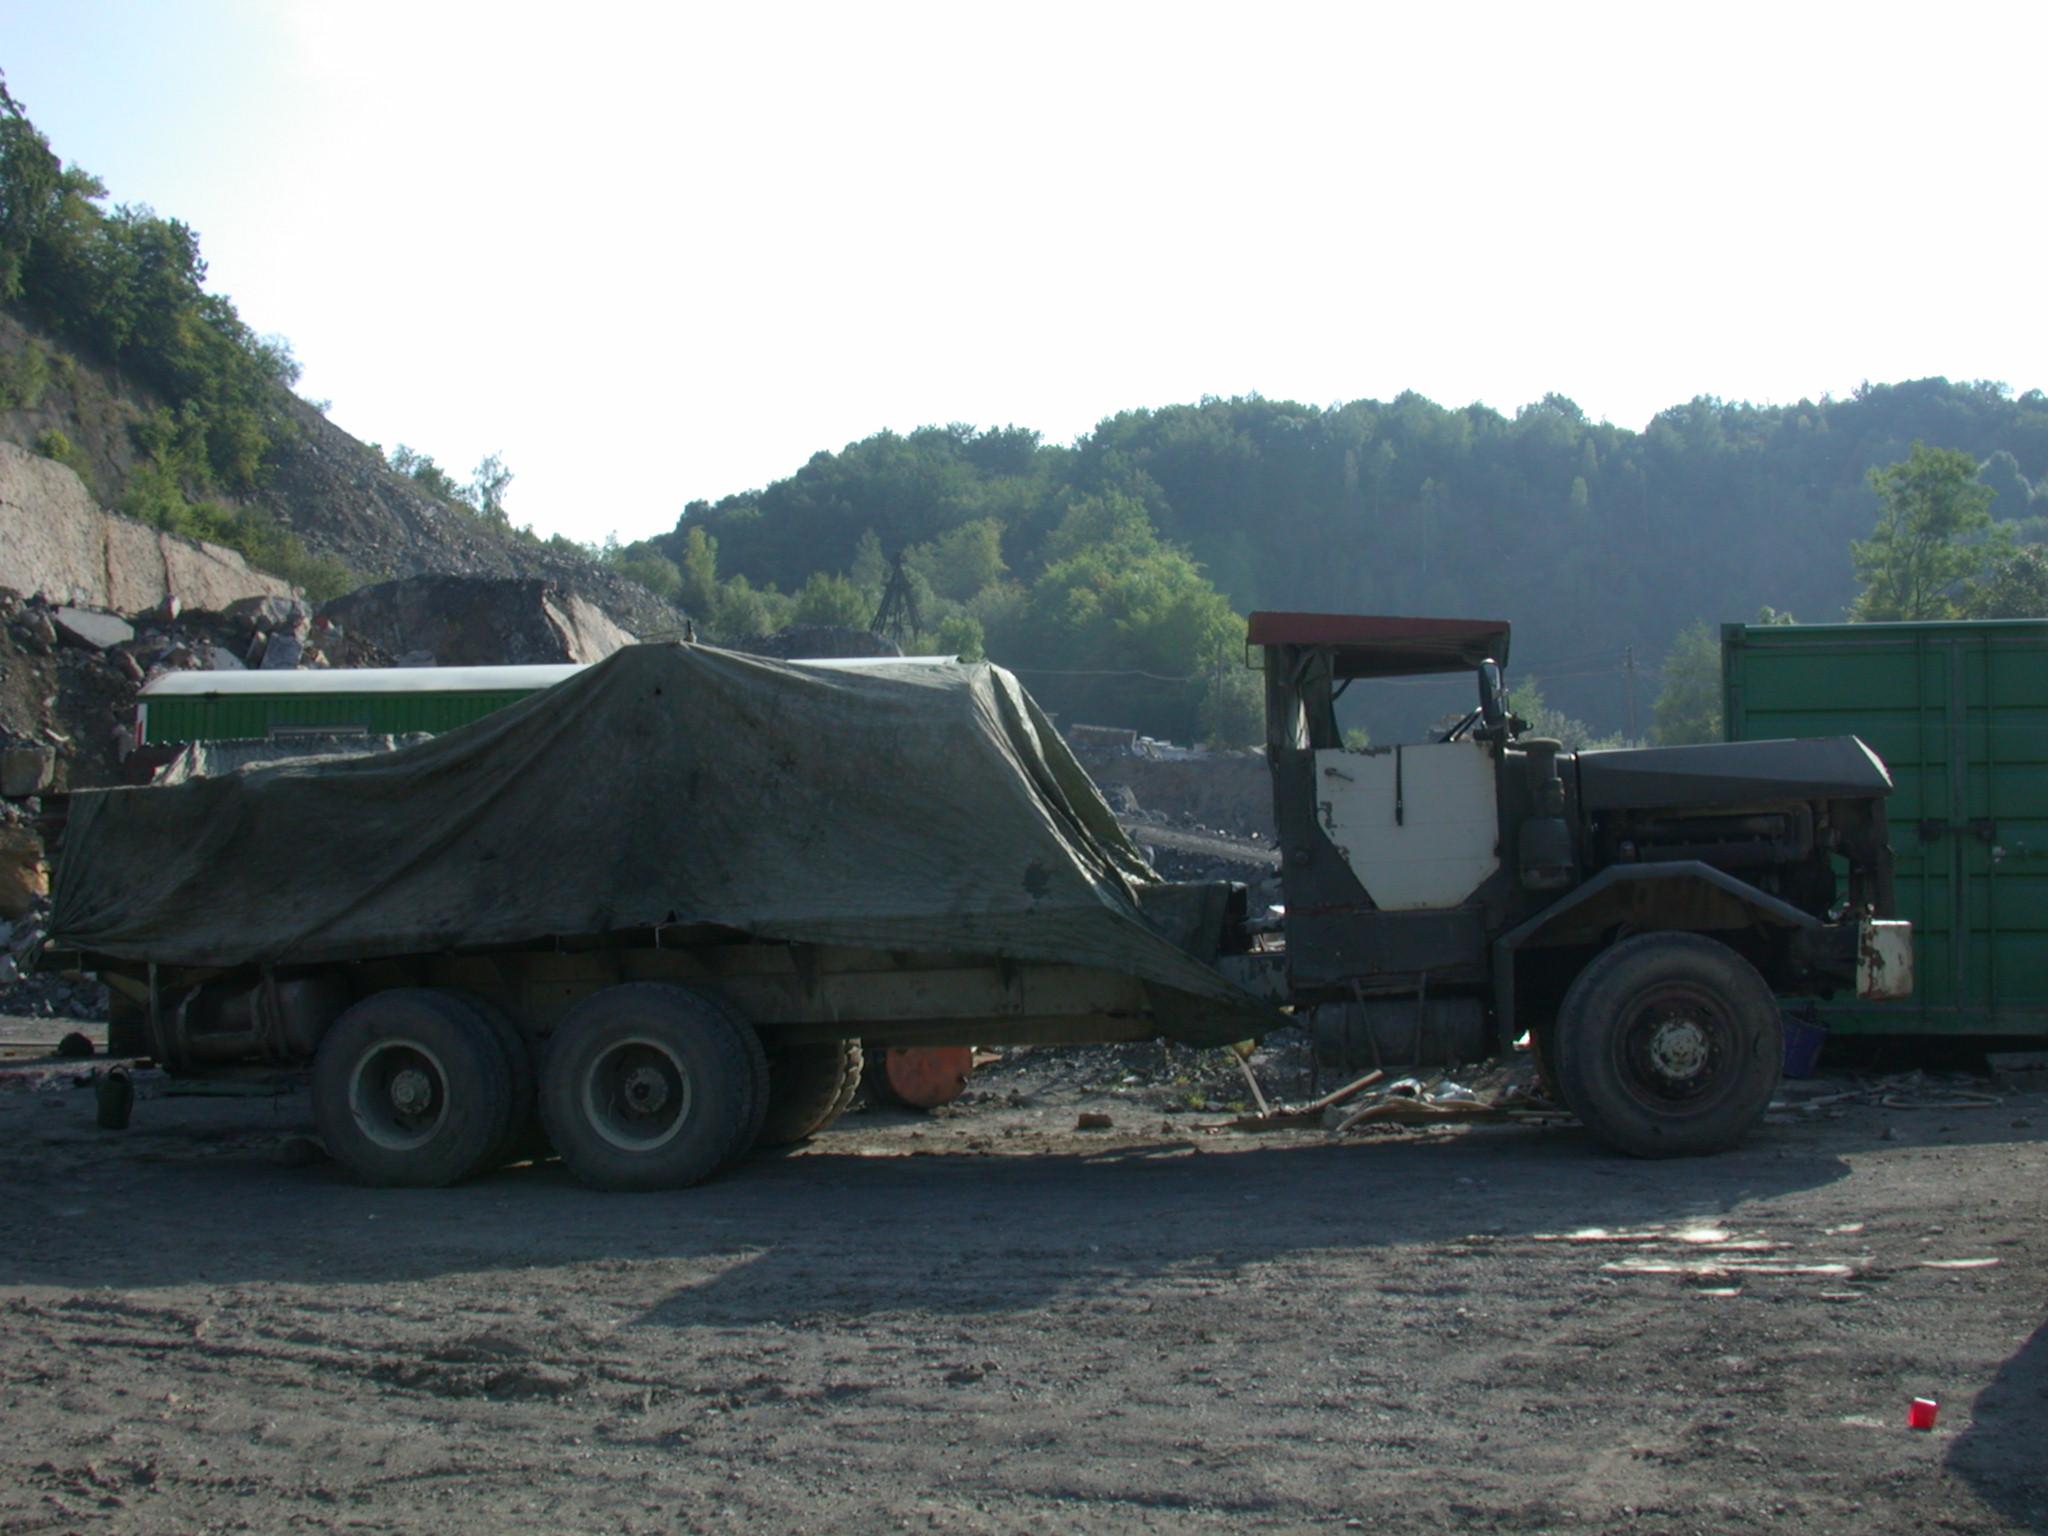 vehicles land truck transport wreck oldtimer side canvas load loaded quarry